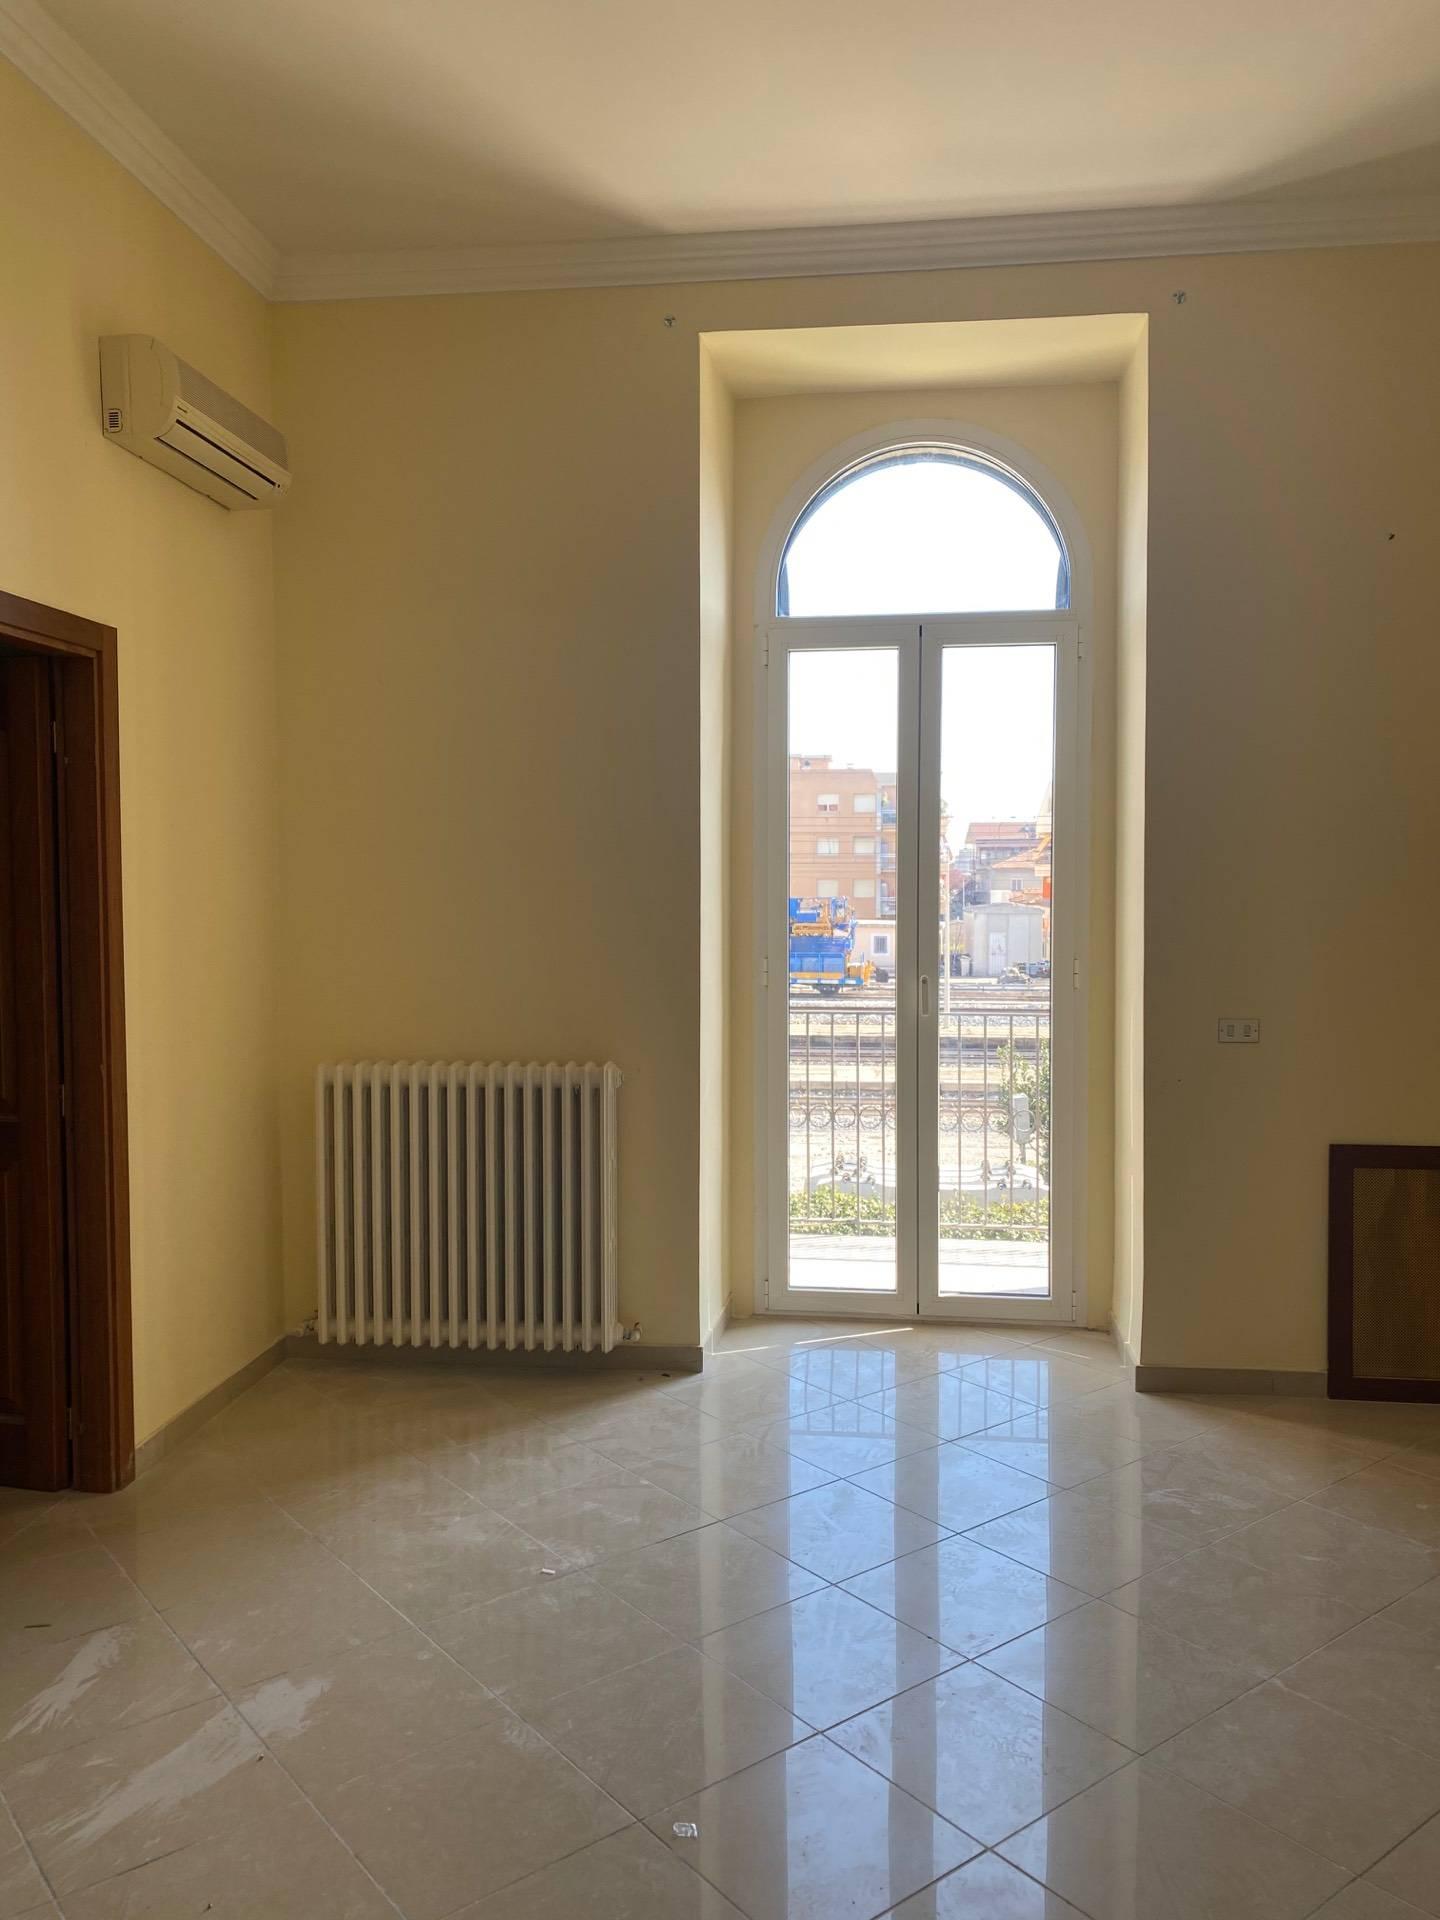 Ufficio / Studio in affitto a Giulianova, 9999 locali, zona Località: Lido, prezzo € 600 | CambioCasa.it